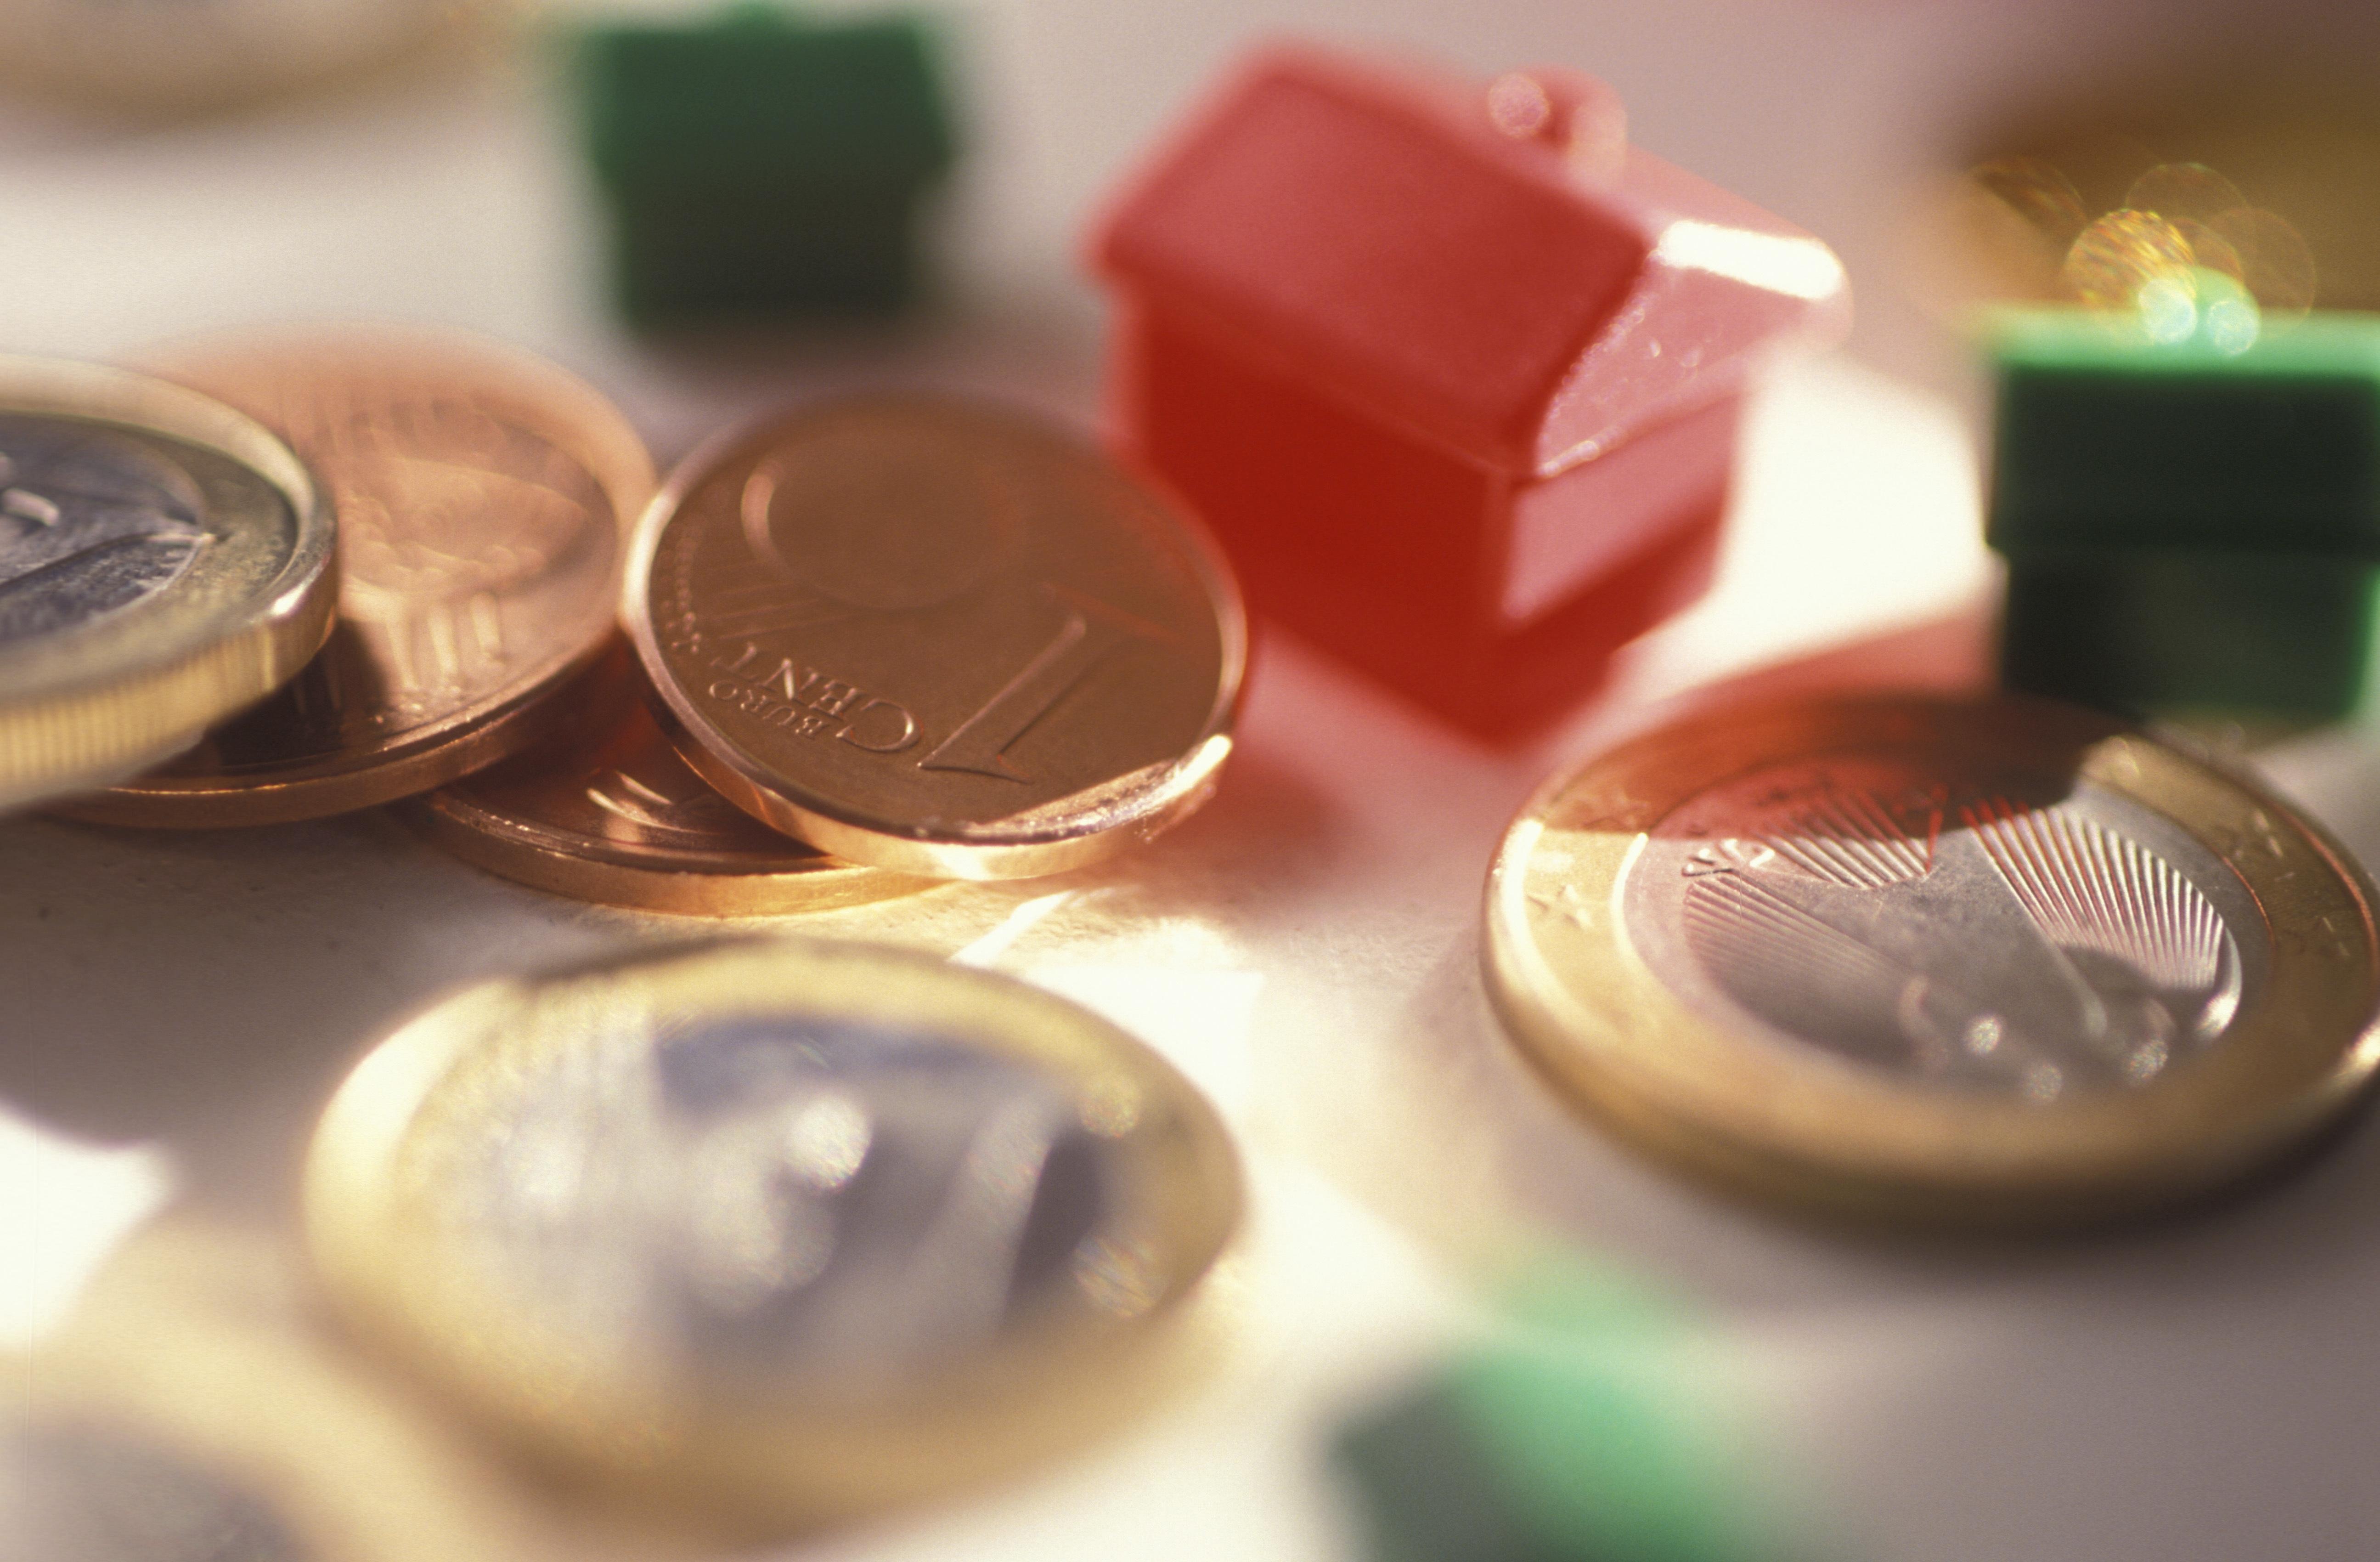 los bancos dan hipotecas de hasta 1,3 puntos más baratas para comprar sus pisos